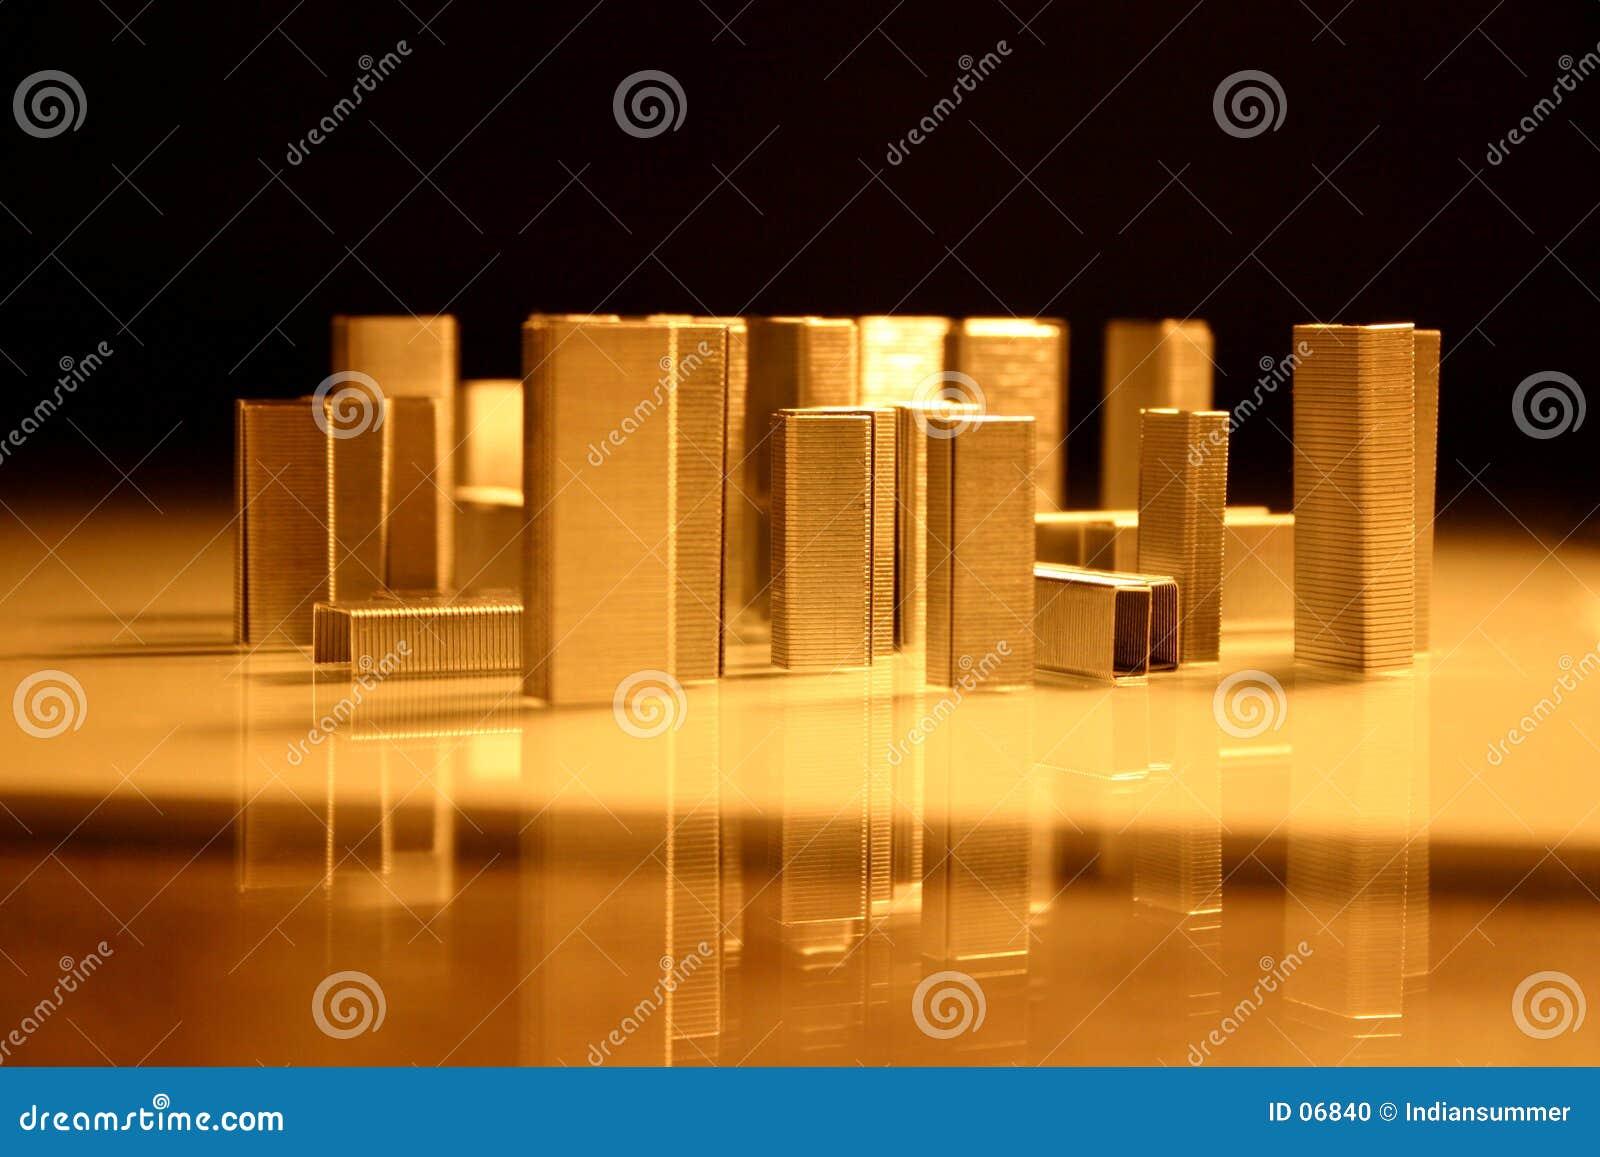 πόλη ι αρχιτεκτονικής βάσ&epsi